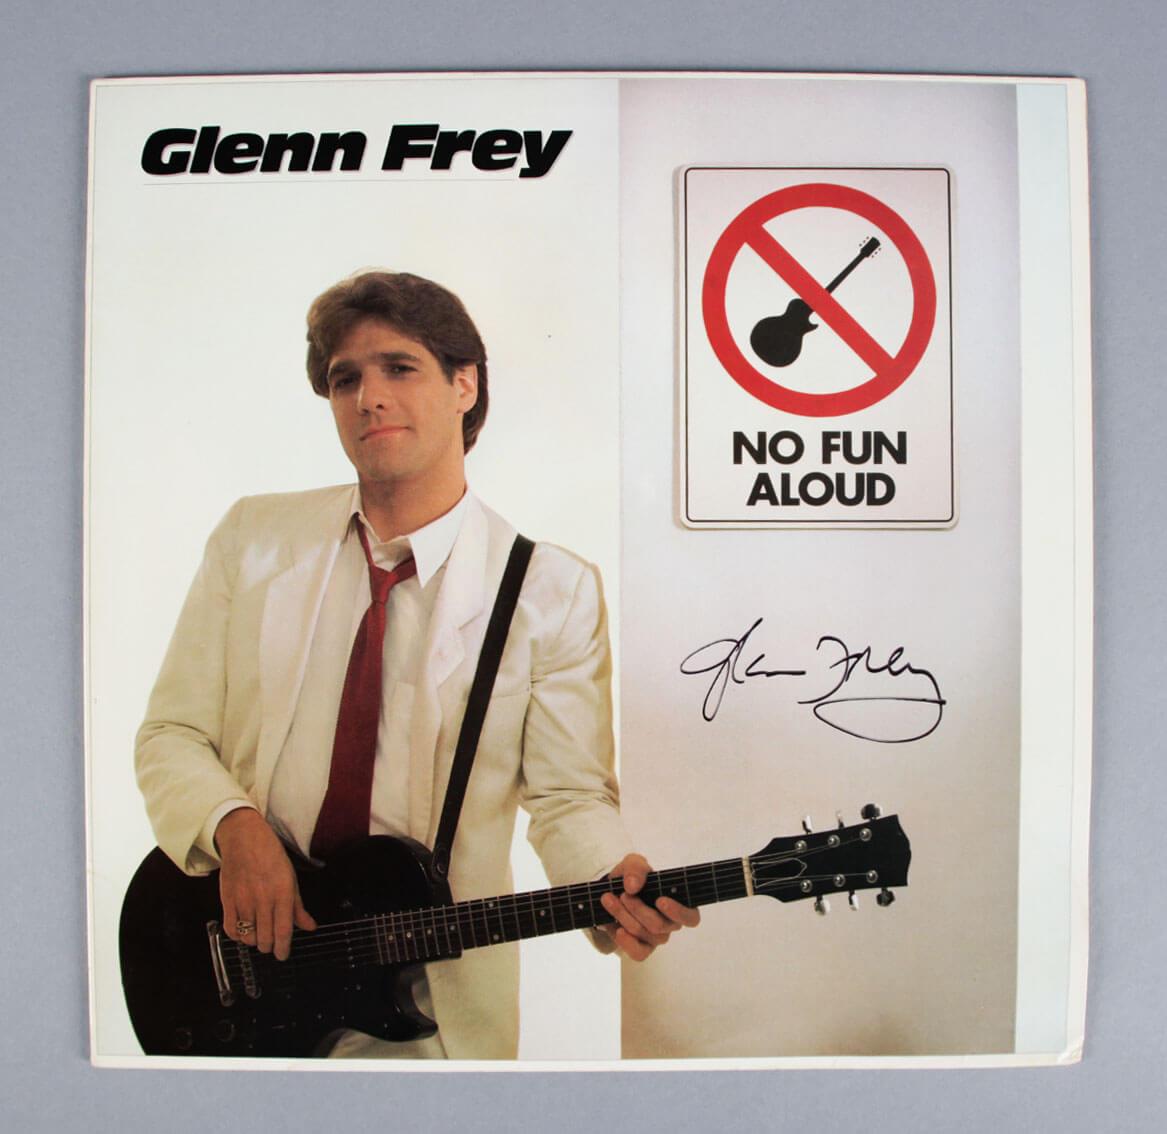 Glenn Frey Autographs : glenn frey signed no fun aloud album jsa memorabilia expert ~ Hamham.info Haus und Dekorationen